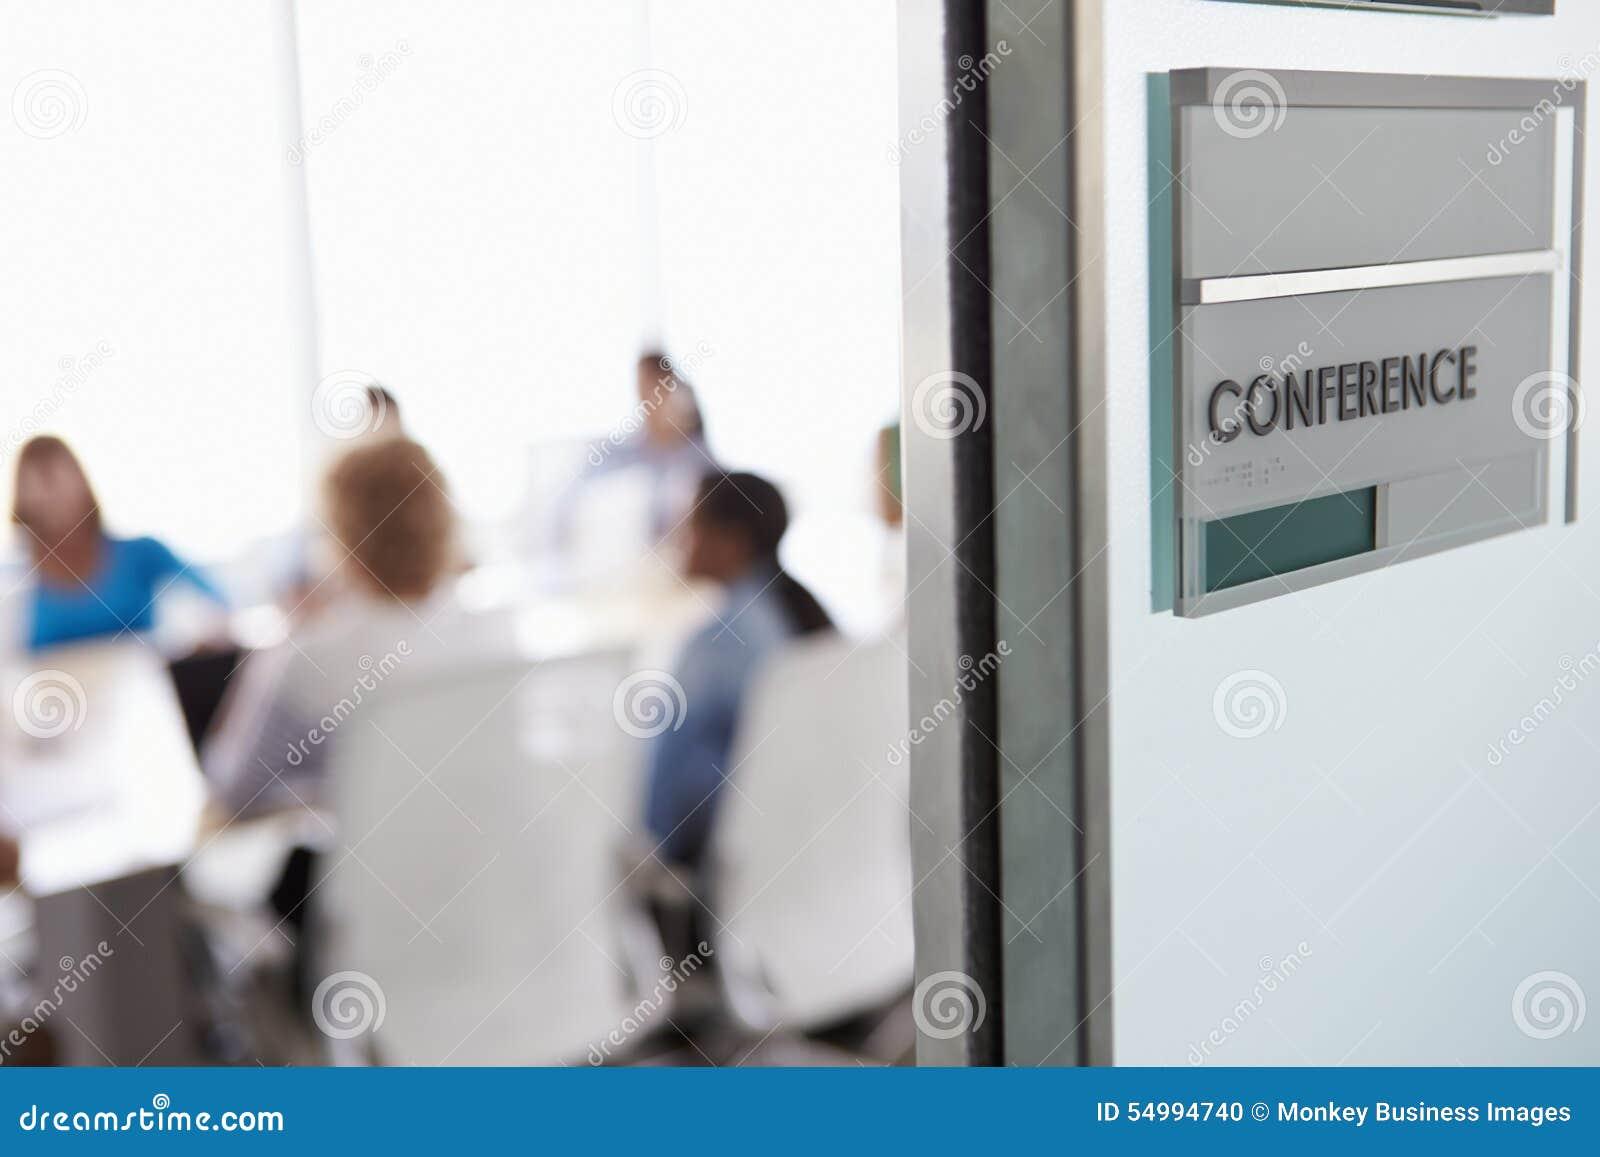 看法通过会议室的门业务会议的